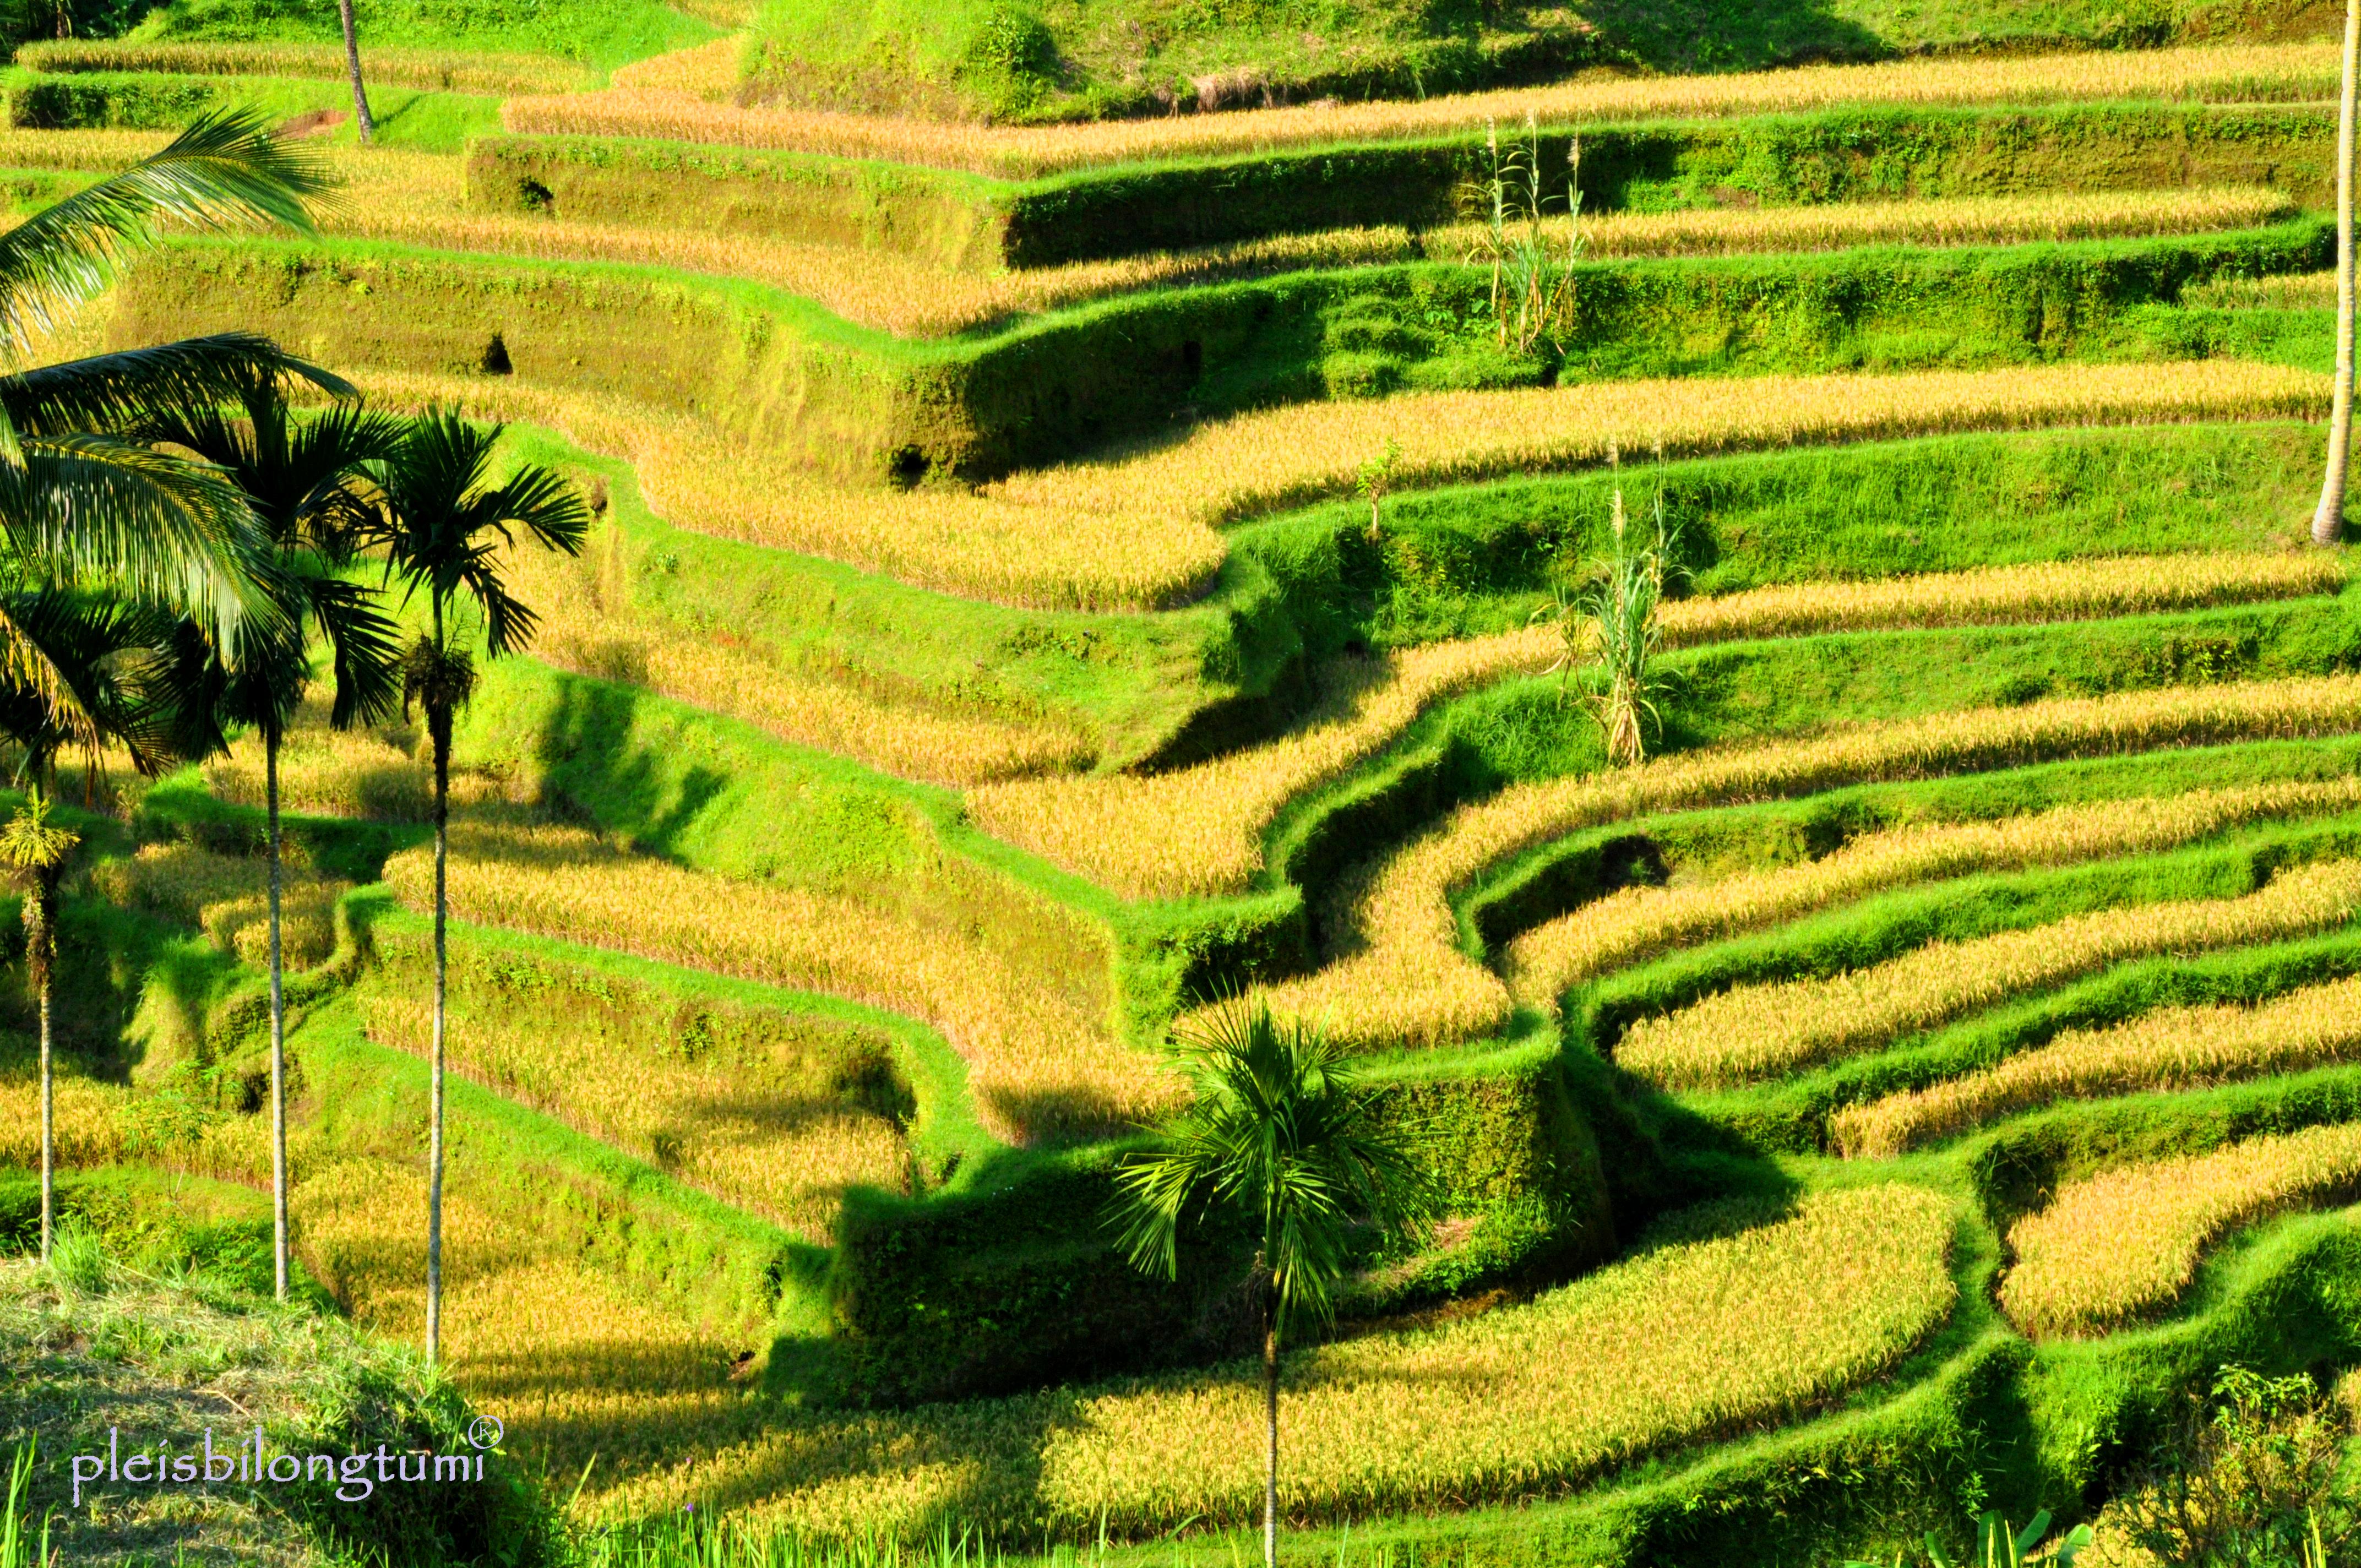 Rice terraces cigudeg pleis bilong tu mi for Terrace ubud bali